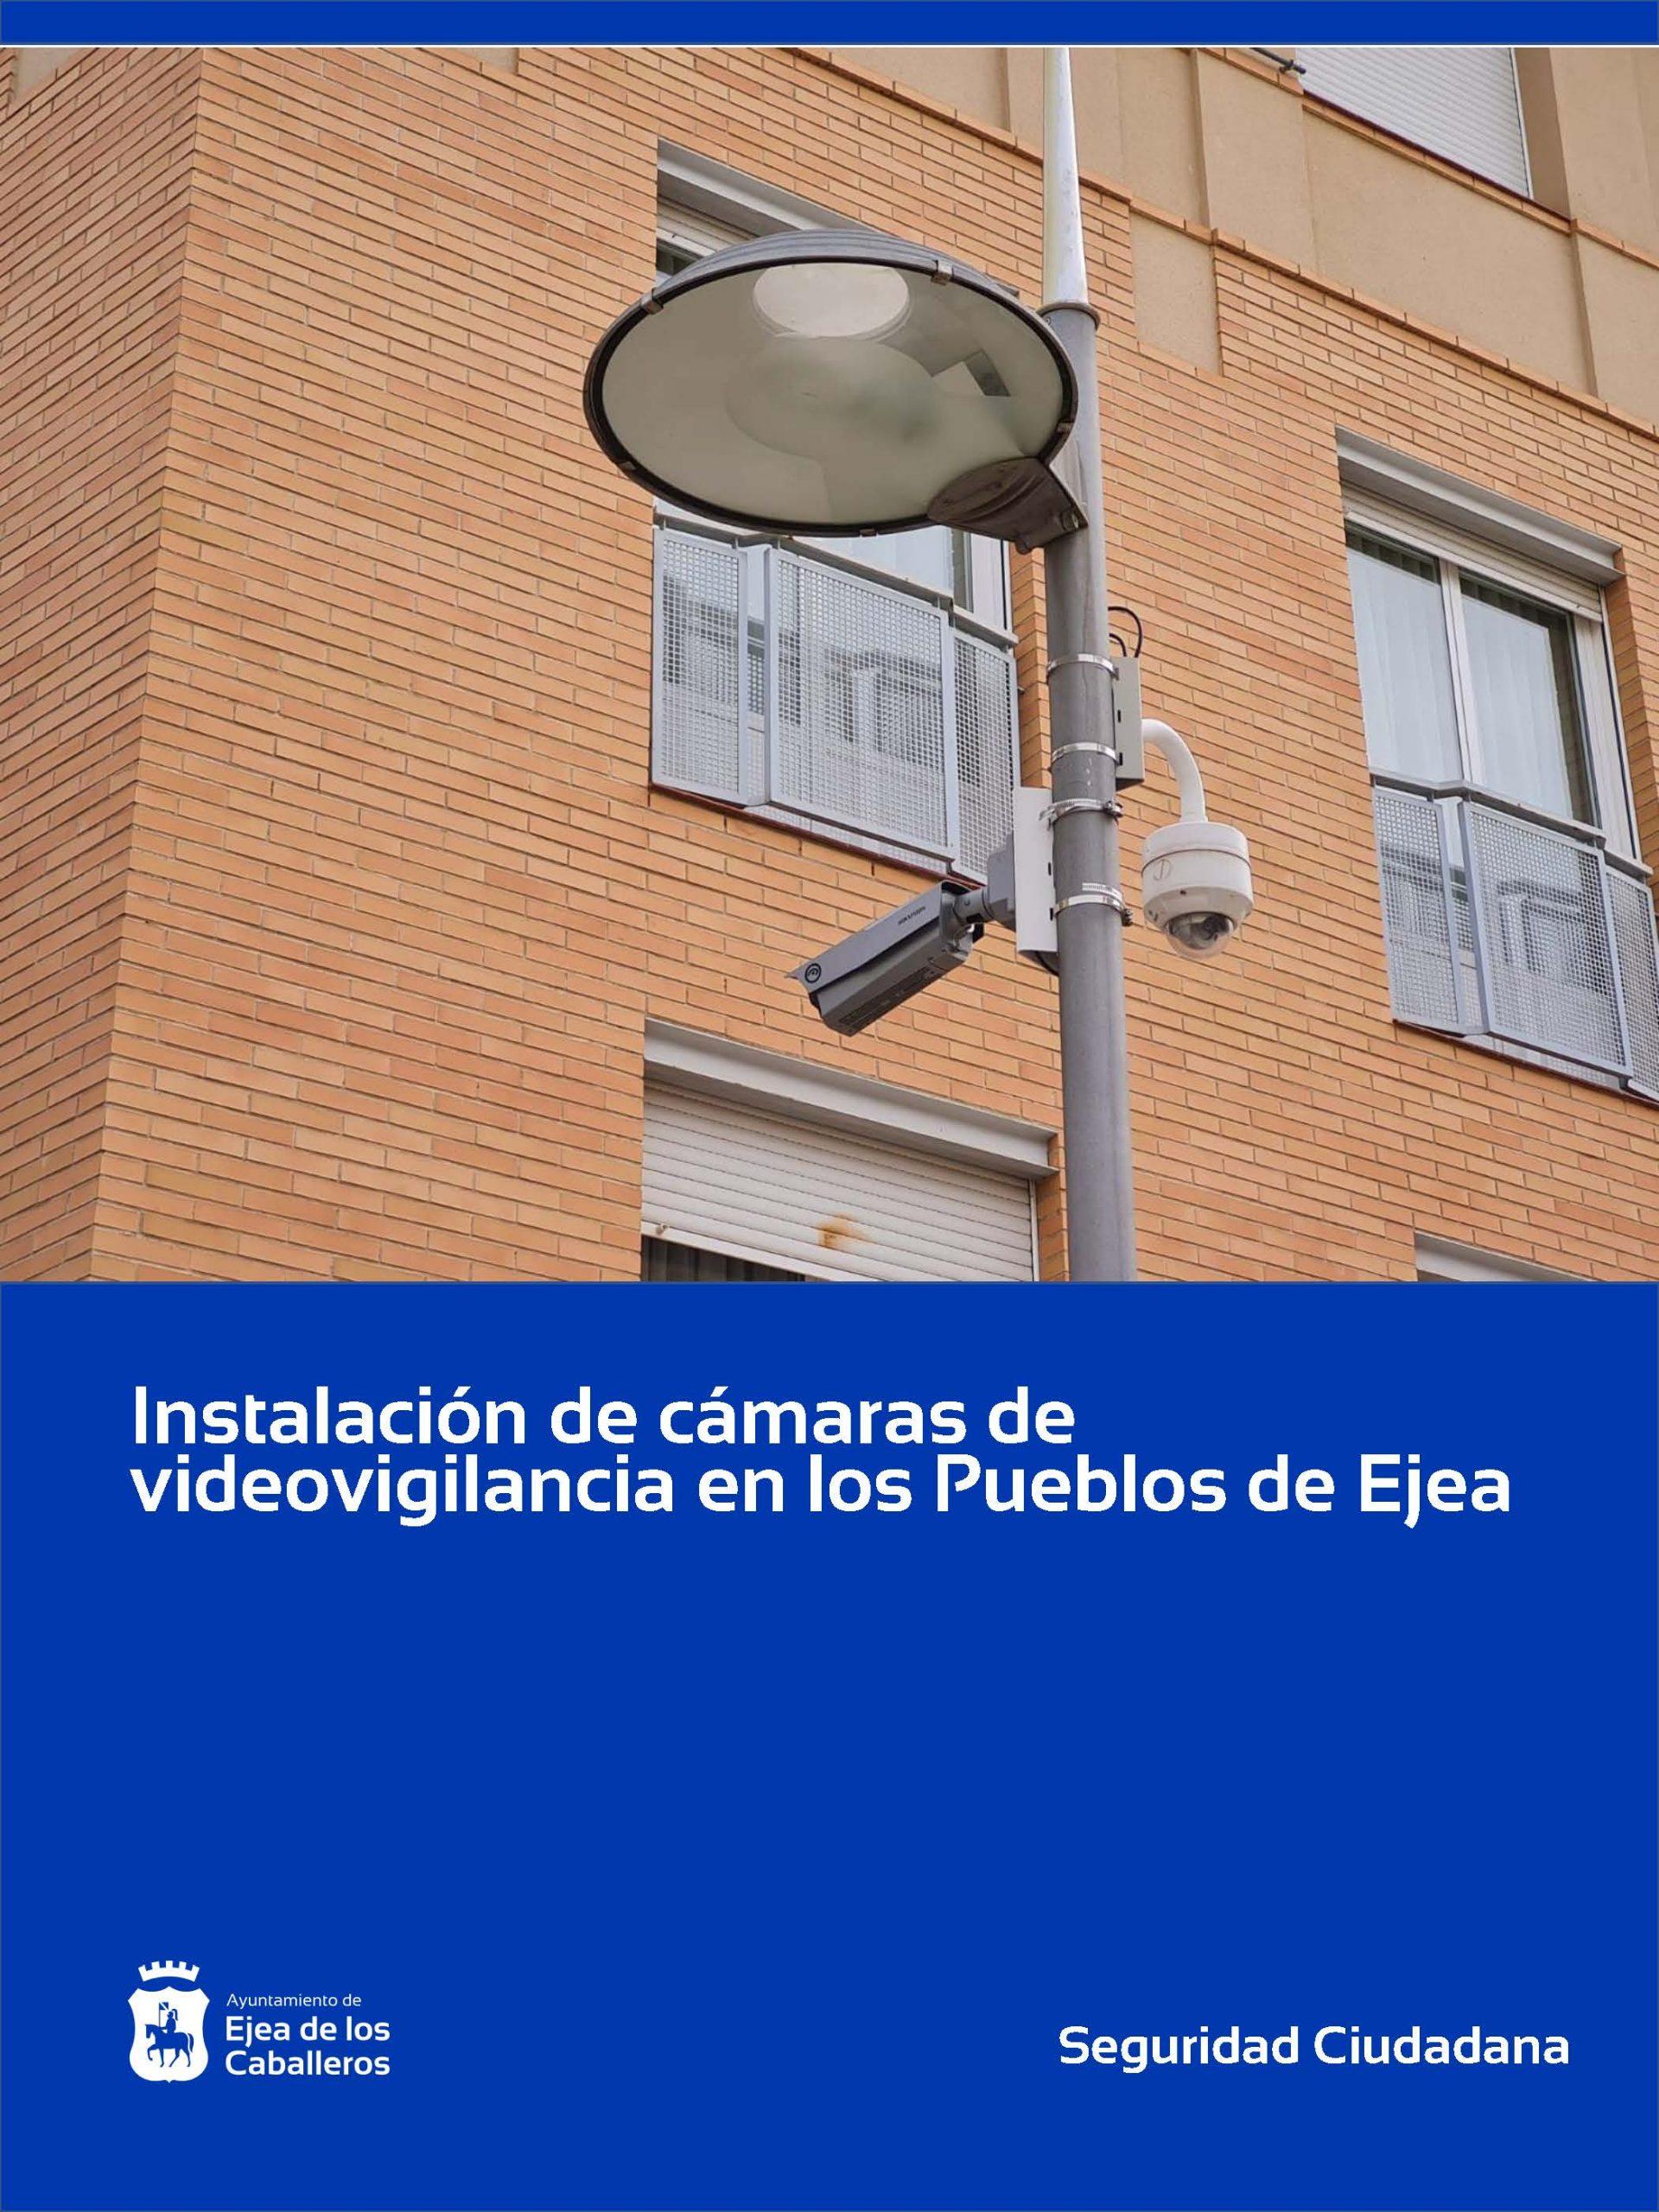 Instalación de cámaras de viodeovigilancia en los Pueblos de Ejea de los Caballeros